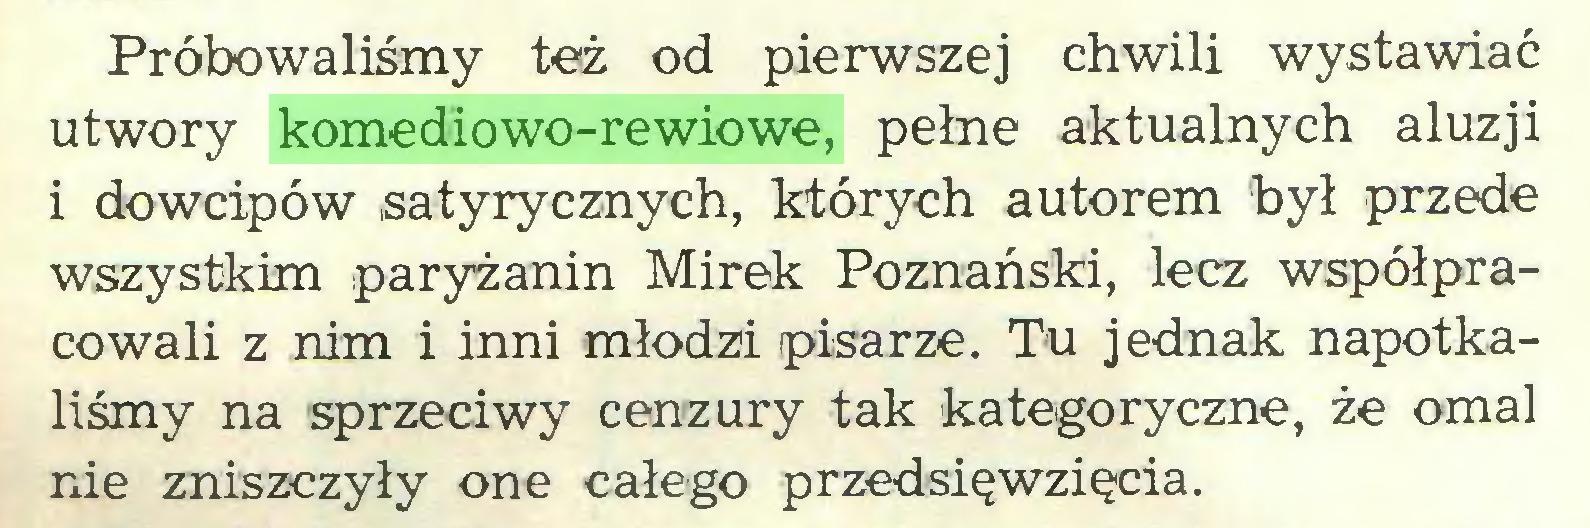 (...) Próbowaliśmy też od pierwszej chwili wystawiać utwory komediowo-rewiowe, pełne aktualnych aluzji i dowcipów satyrycznych, których autorem był przede wszystkim paryżanin Mirek Poznański, lecz współpracowali z nim i inni młodzi pisarze. Tu jednak napotkaliśmy na sprzeciwy cenzury tak kategoryczne, że omal nie zniszczyły one całego przedsięwzięcia...